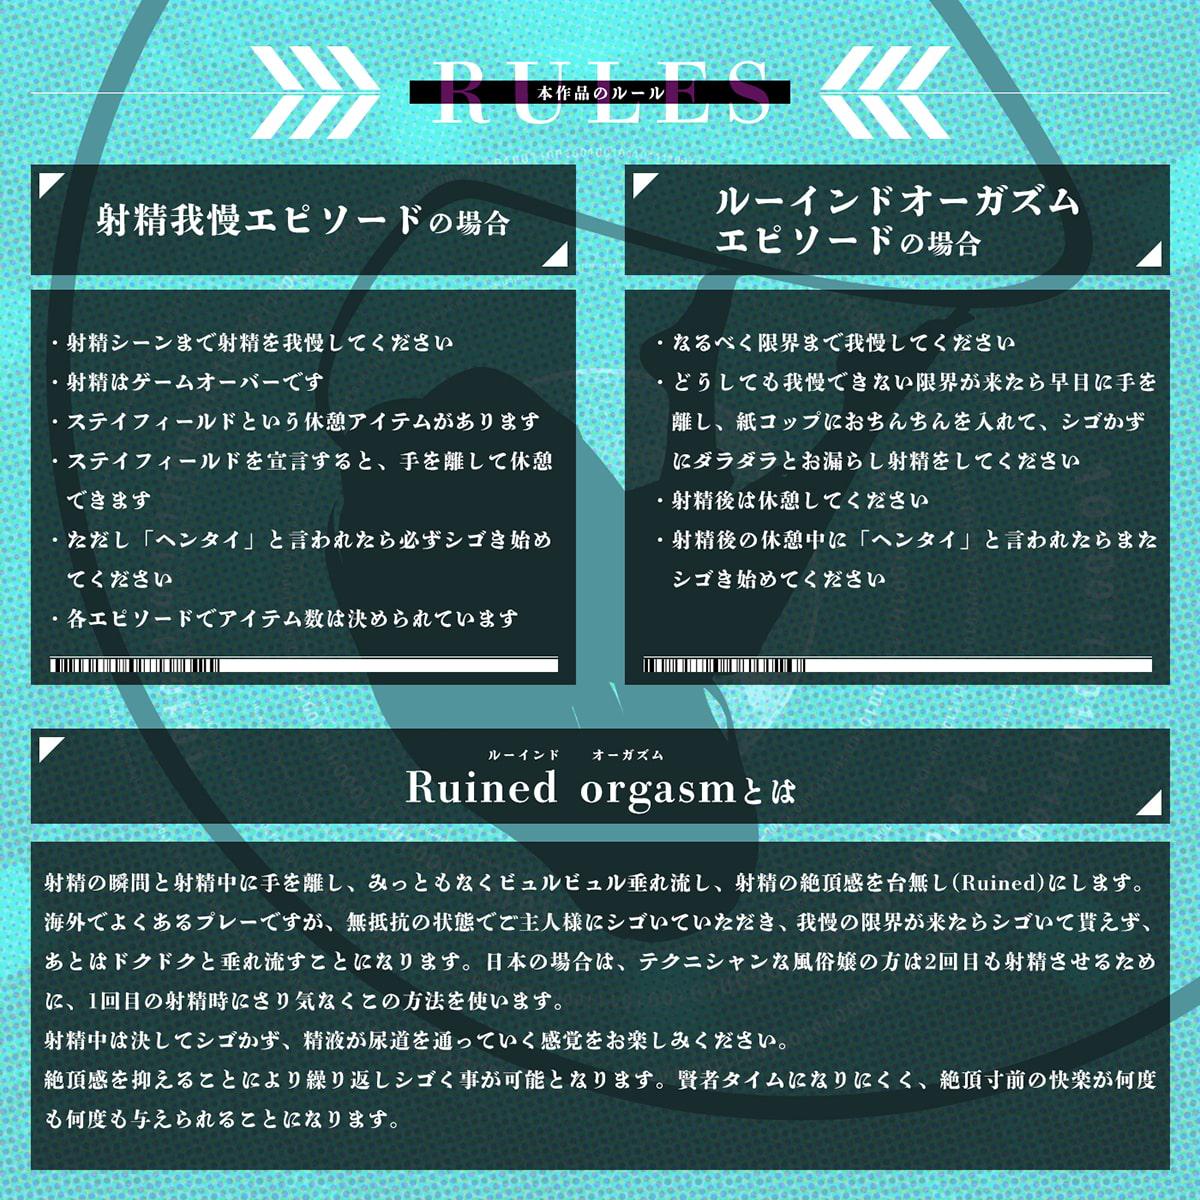 【オナサポショートショート】オナニー管理AI「NANACOゼロワン」〜射精管理シチュエーションを作り出す最新型オナニー管理AI〜【音声で手コキ】